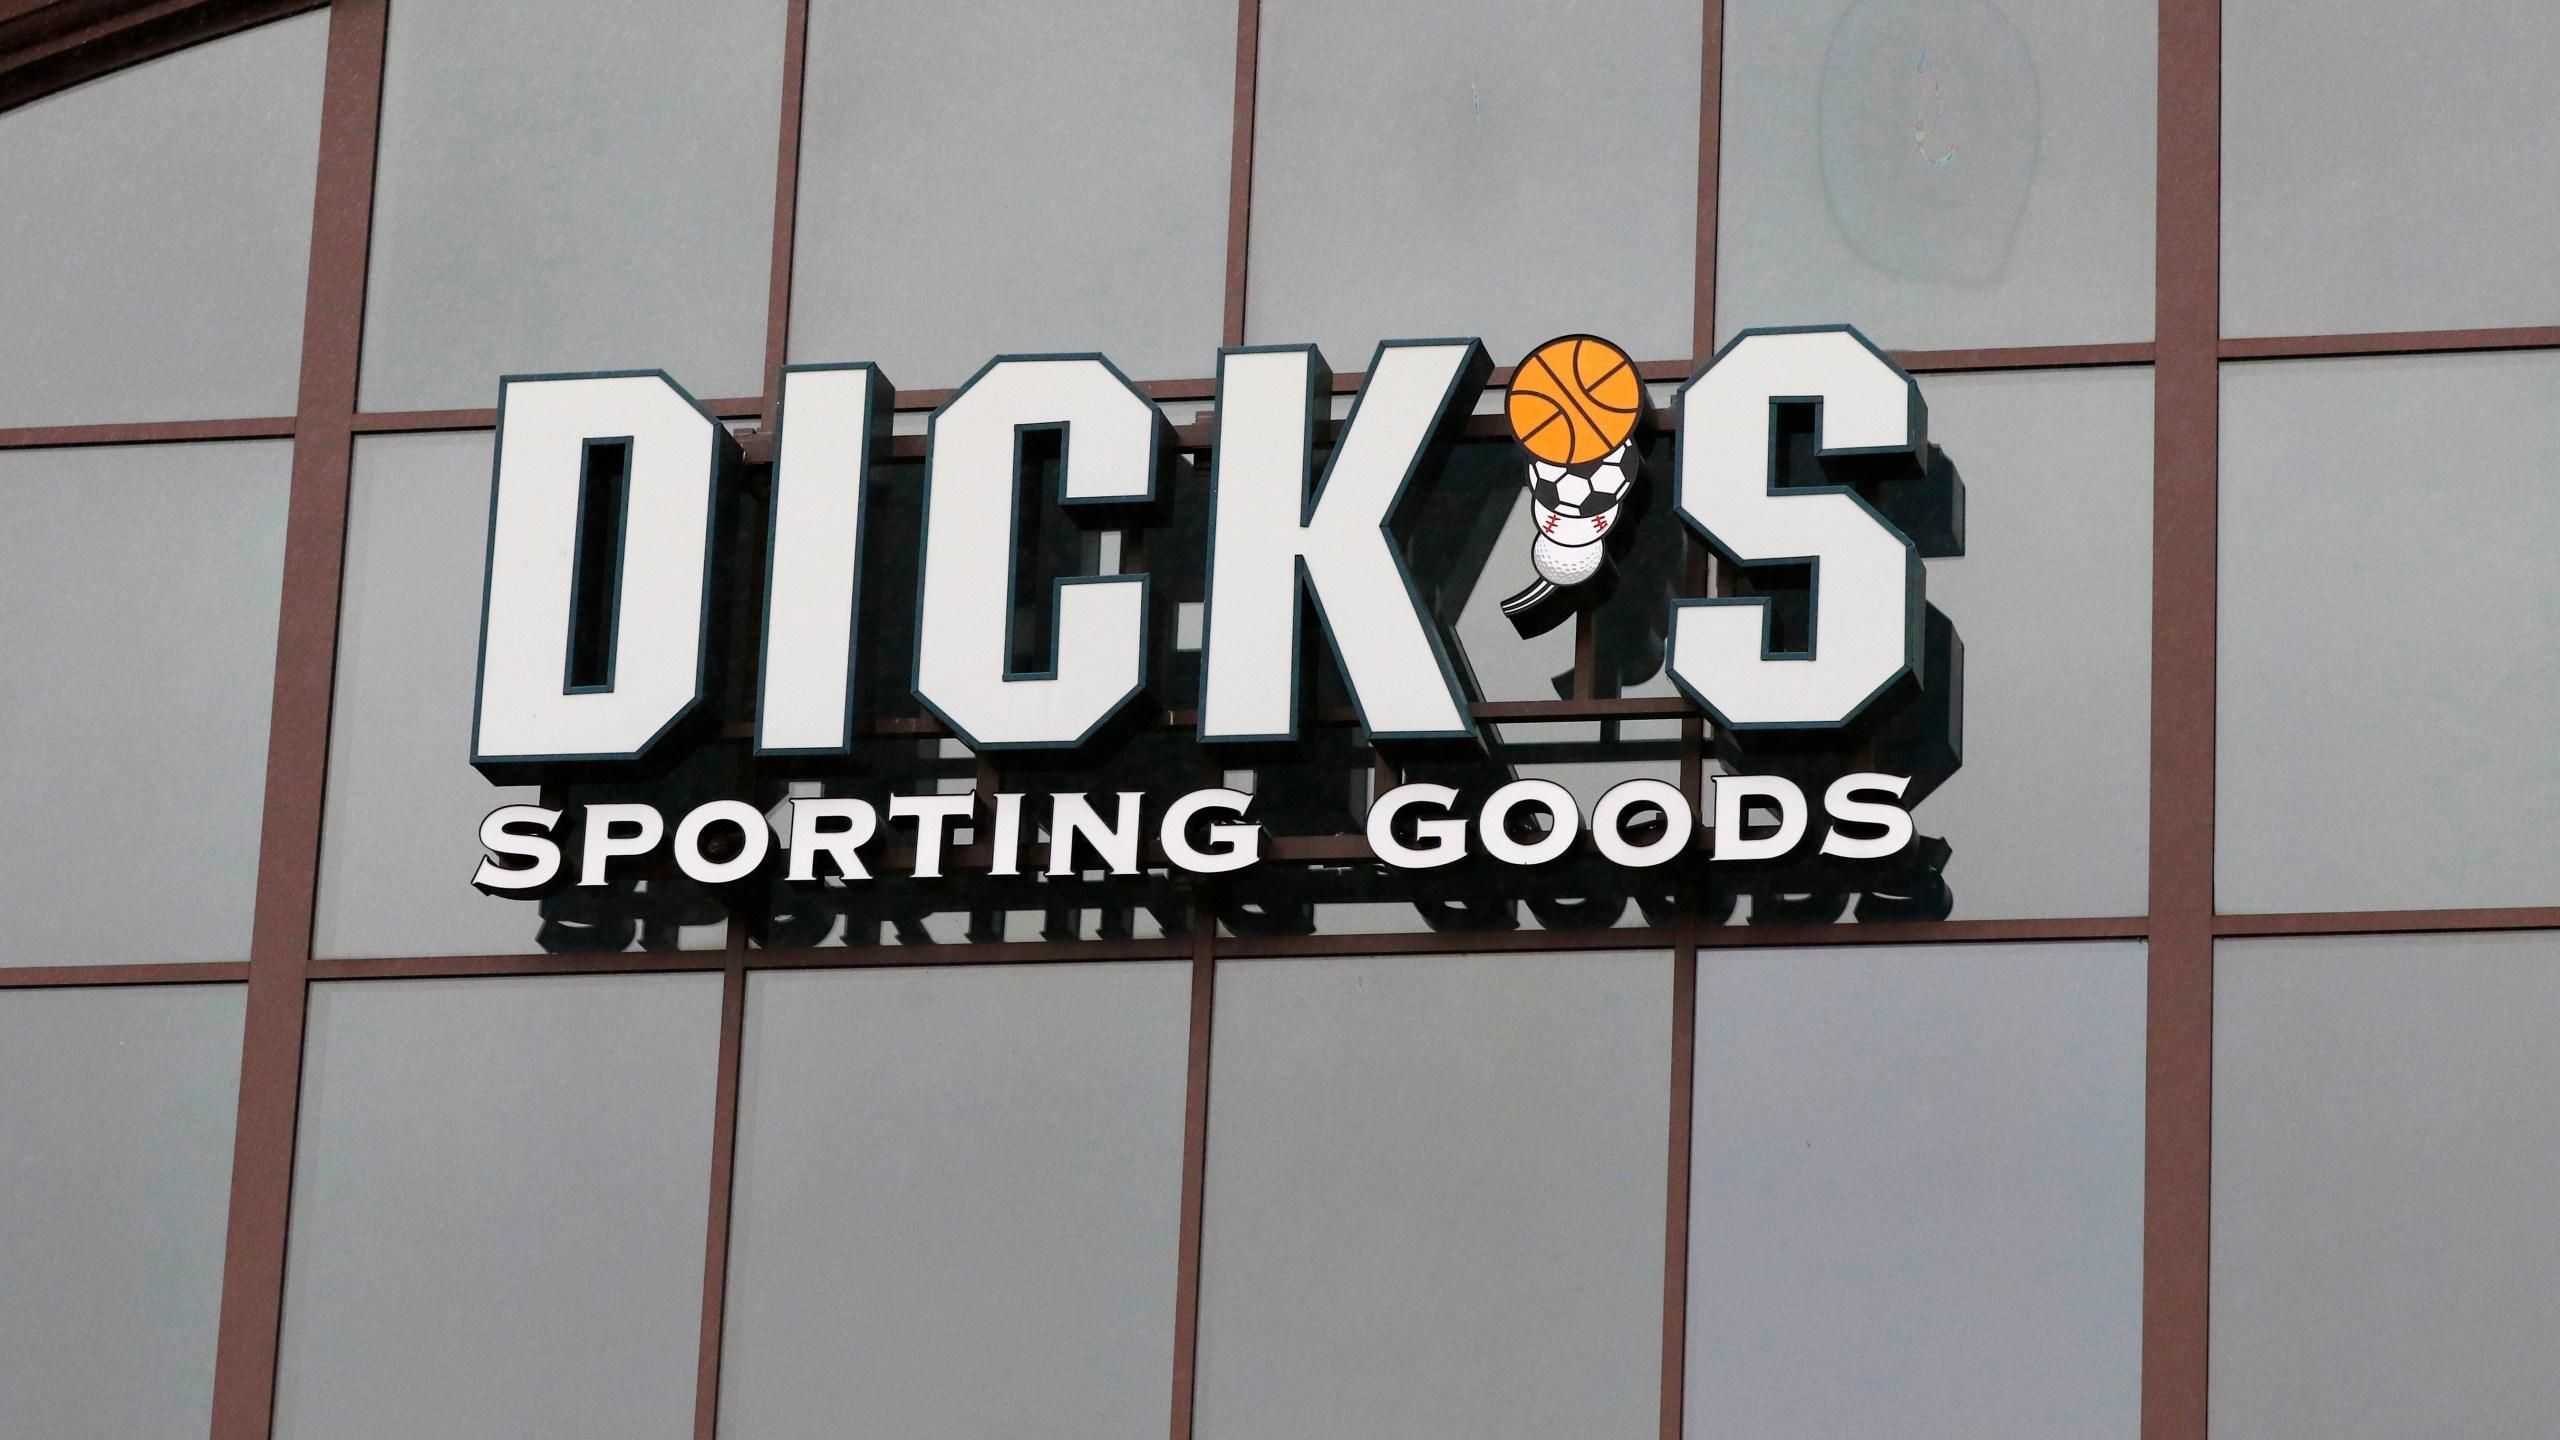 Earns_Dicks_Sporting_Goods_70265-159532.jpg51253495